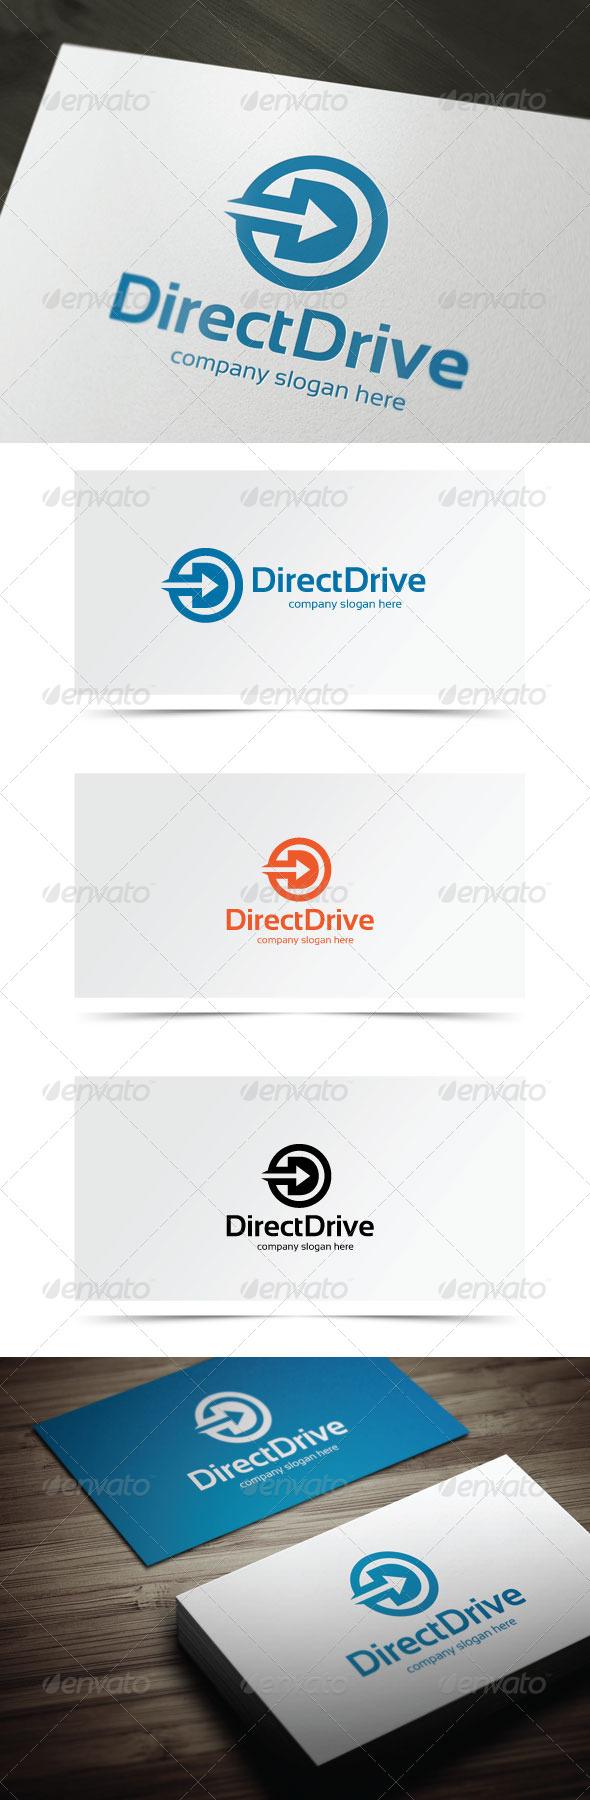 GraphicRiver Direct Drive 6807801